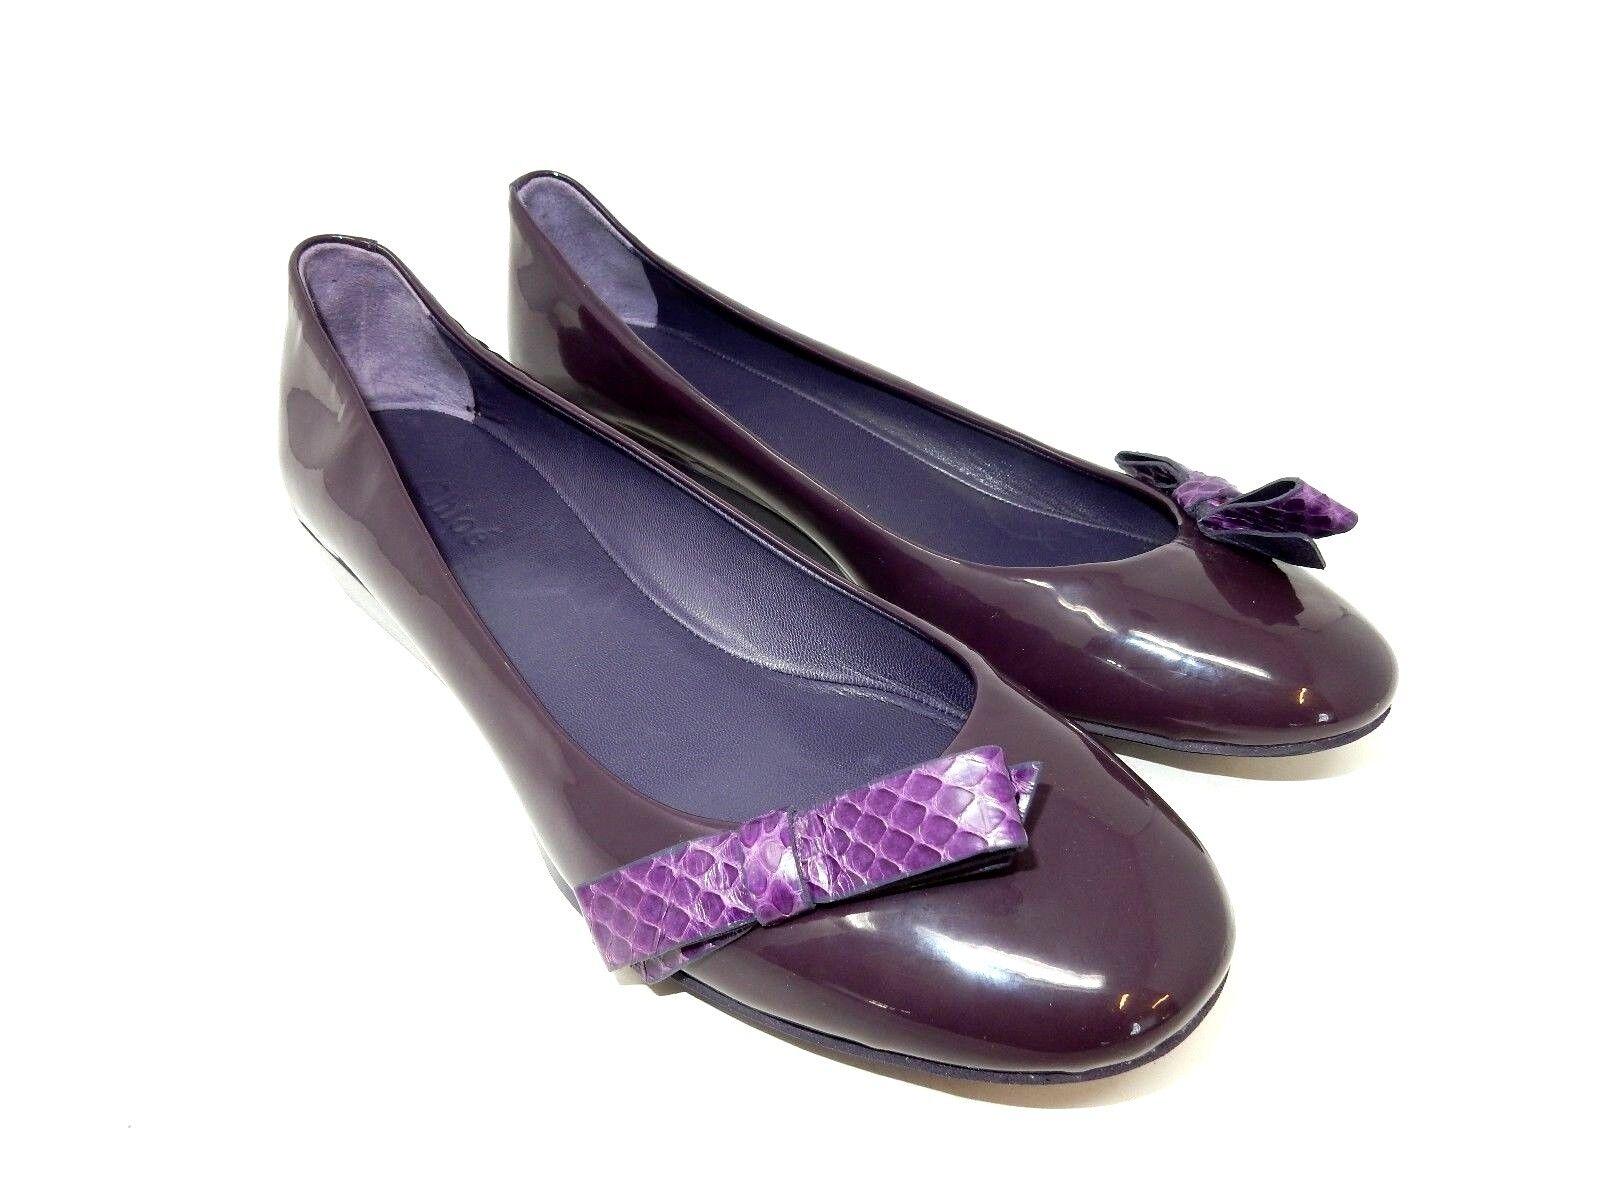 Chloe muestra Zapato Talla UK 4 EUR EUR EUR 37 Z107  Precio al por mayor y calidad confiable.